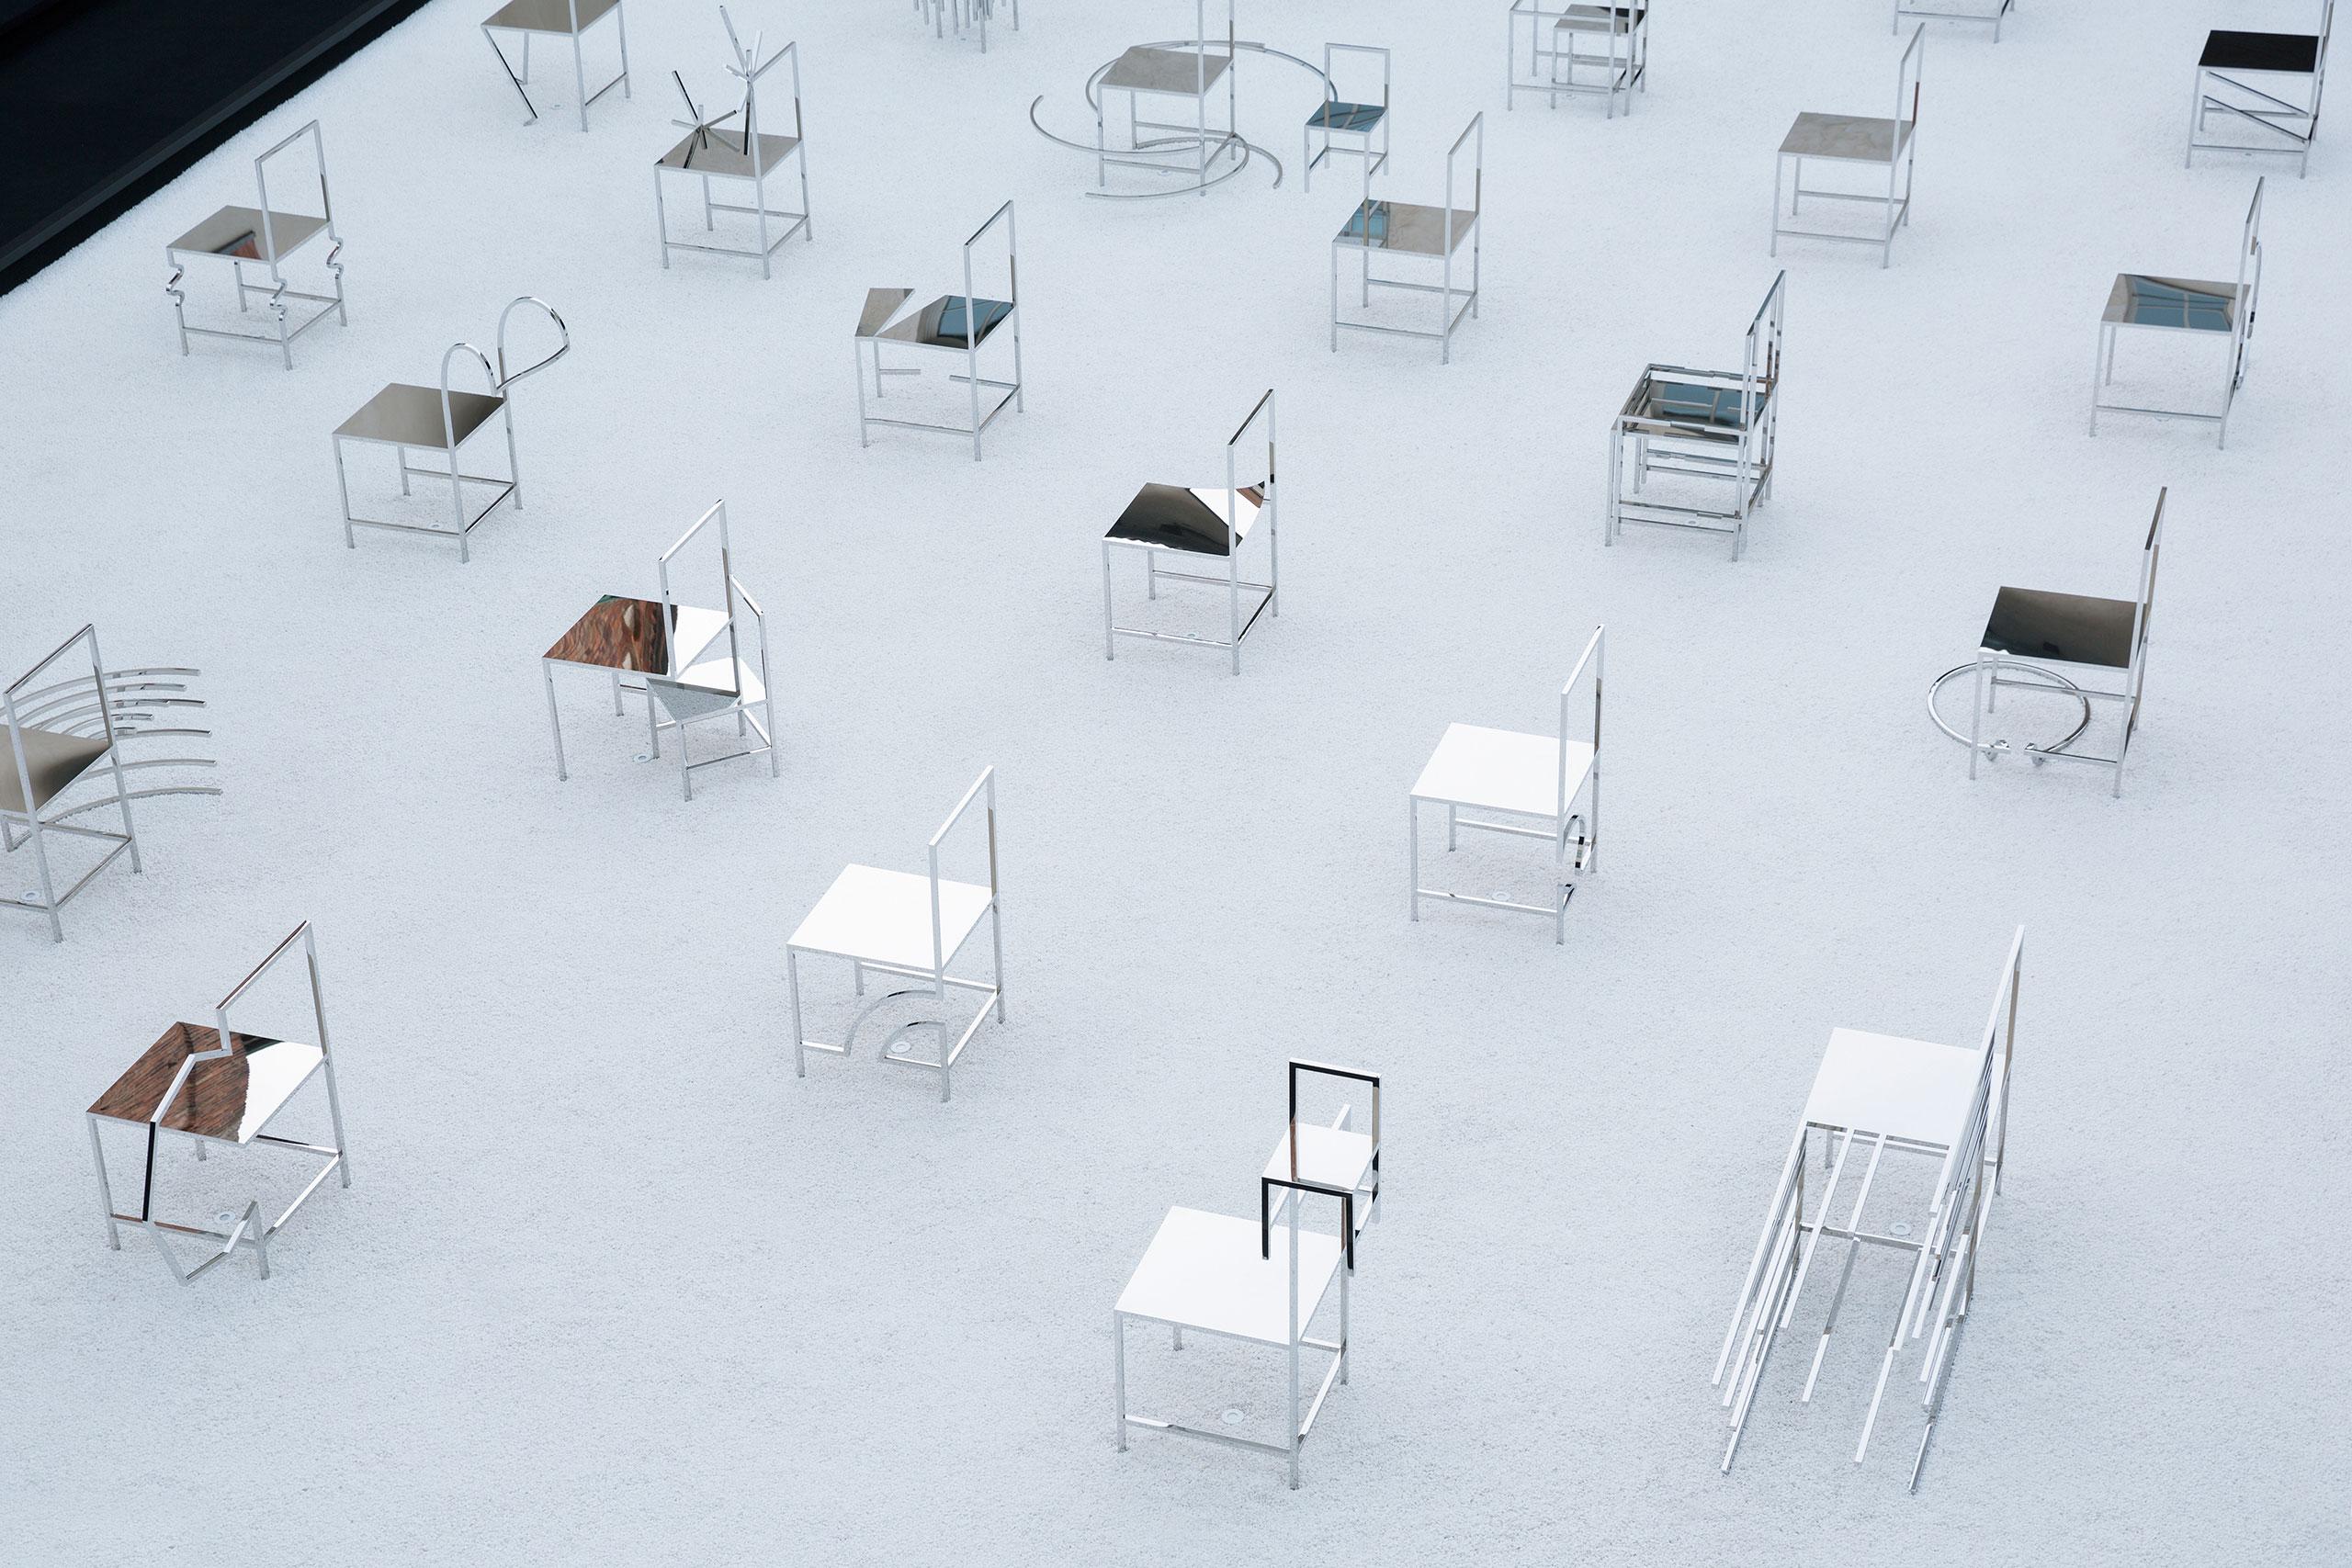 p2_50_manga_chairs_in_milan_nendo_for_friedman_benda_photo_takumi_ota_yatzer